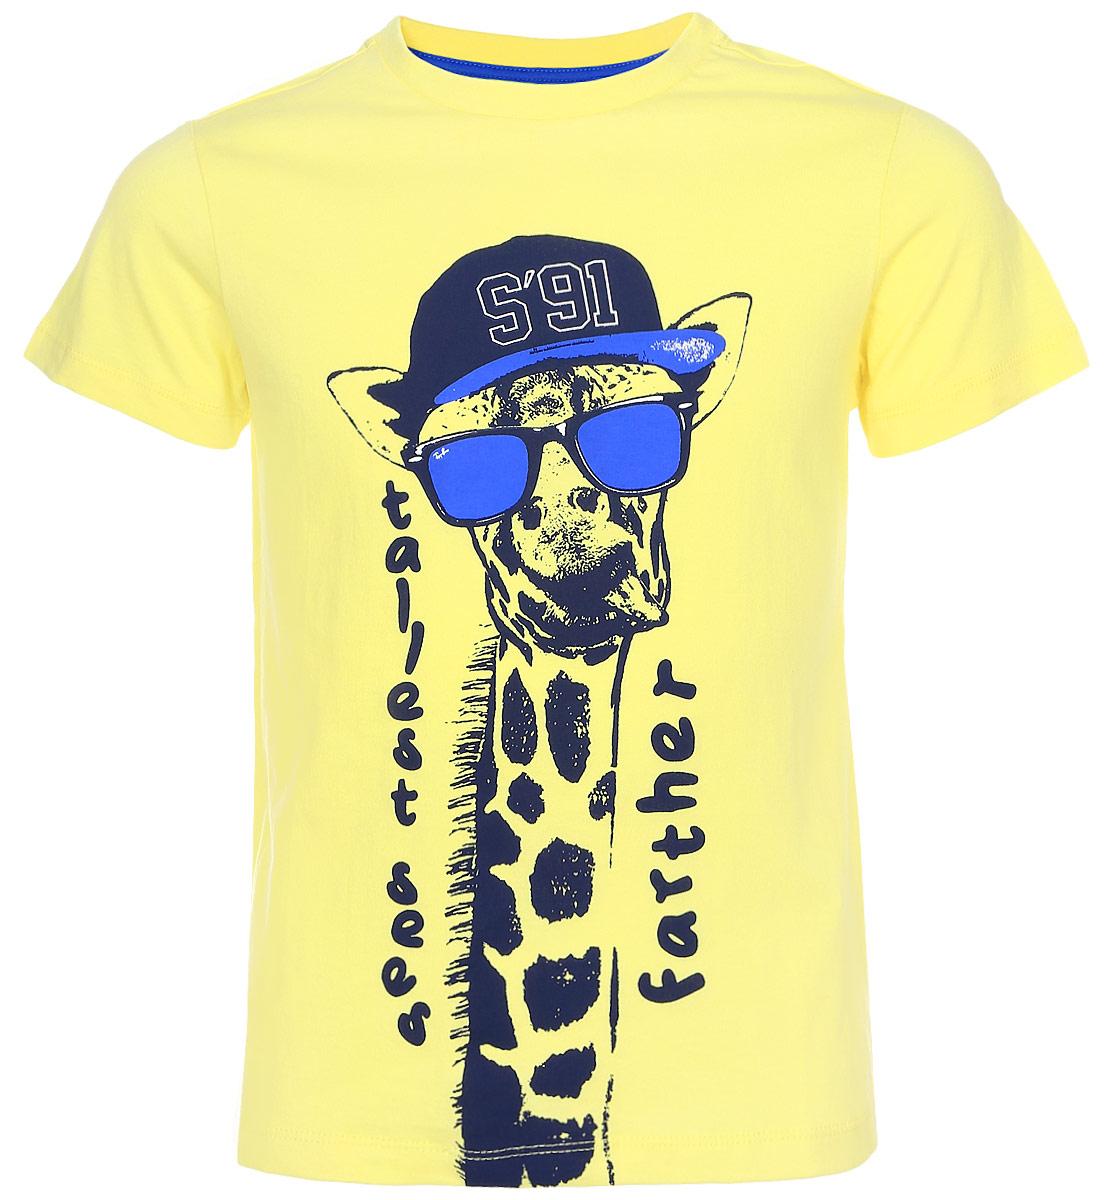 ФутболкаTs-811/600-7223Стильная футболка для мальчика Sela изготовлена из натурального хлопка и оформлена оригинальным принтом. Воротник дополнен мягкой трикотажной резинкой. Яркий цвет модели позволяет создавать модные образы.